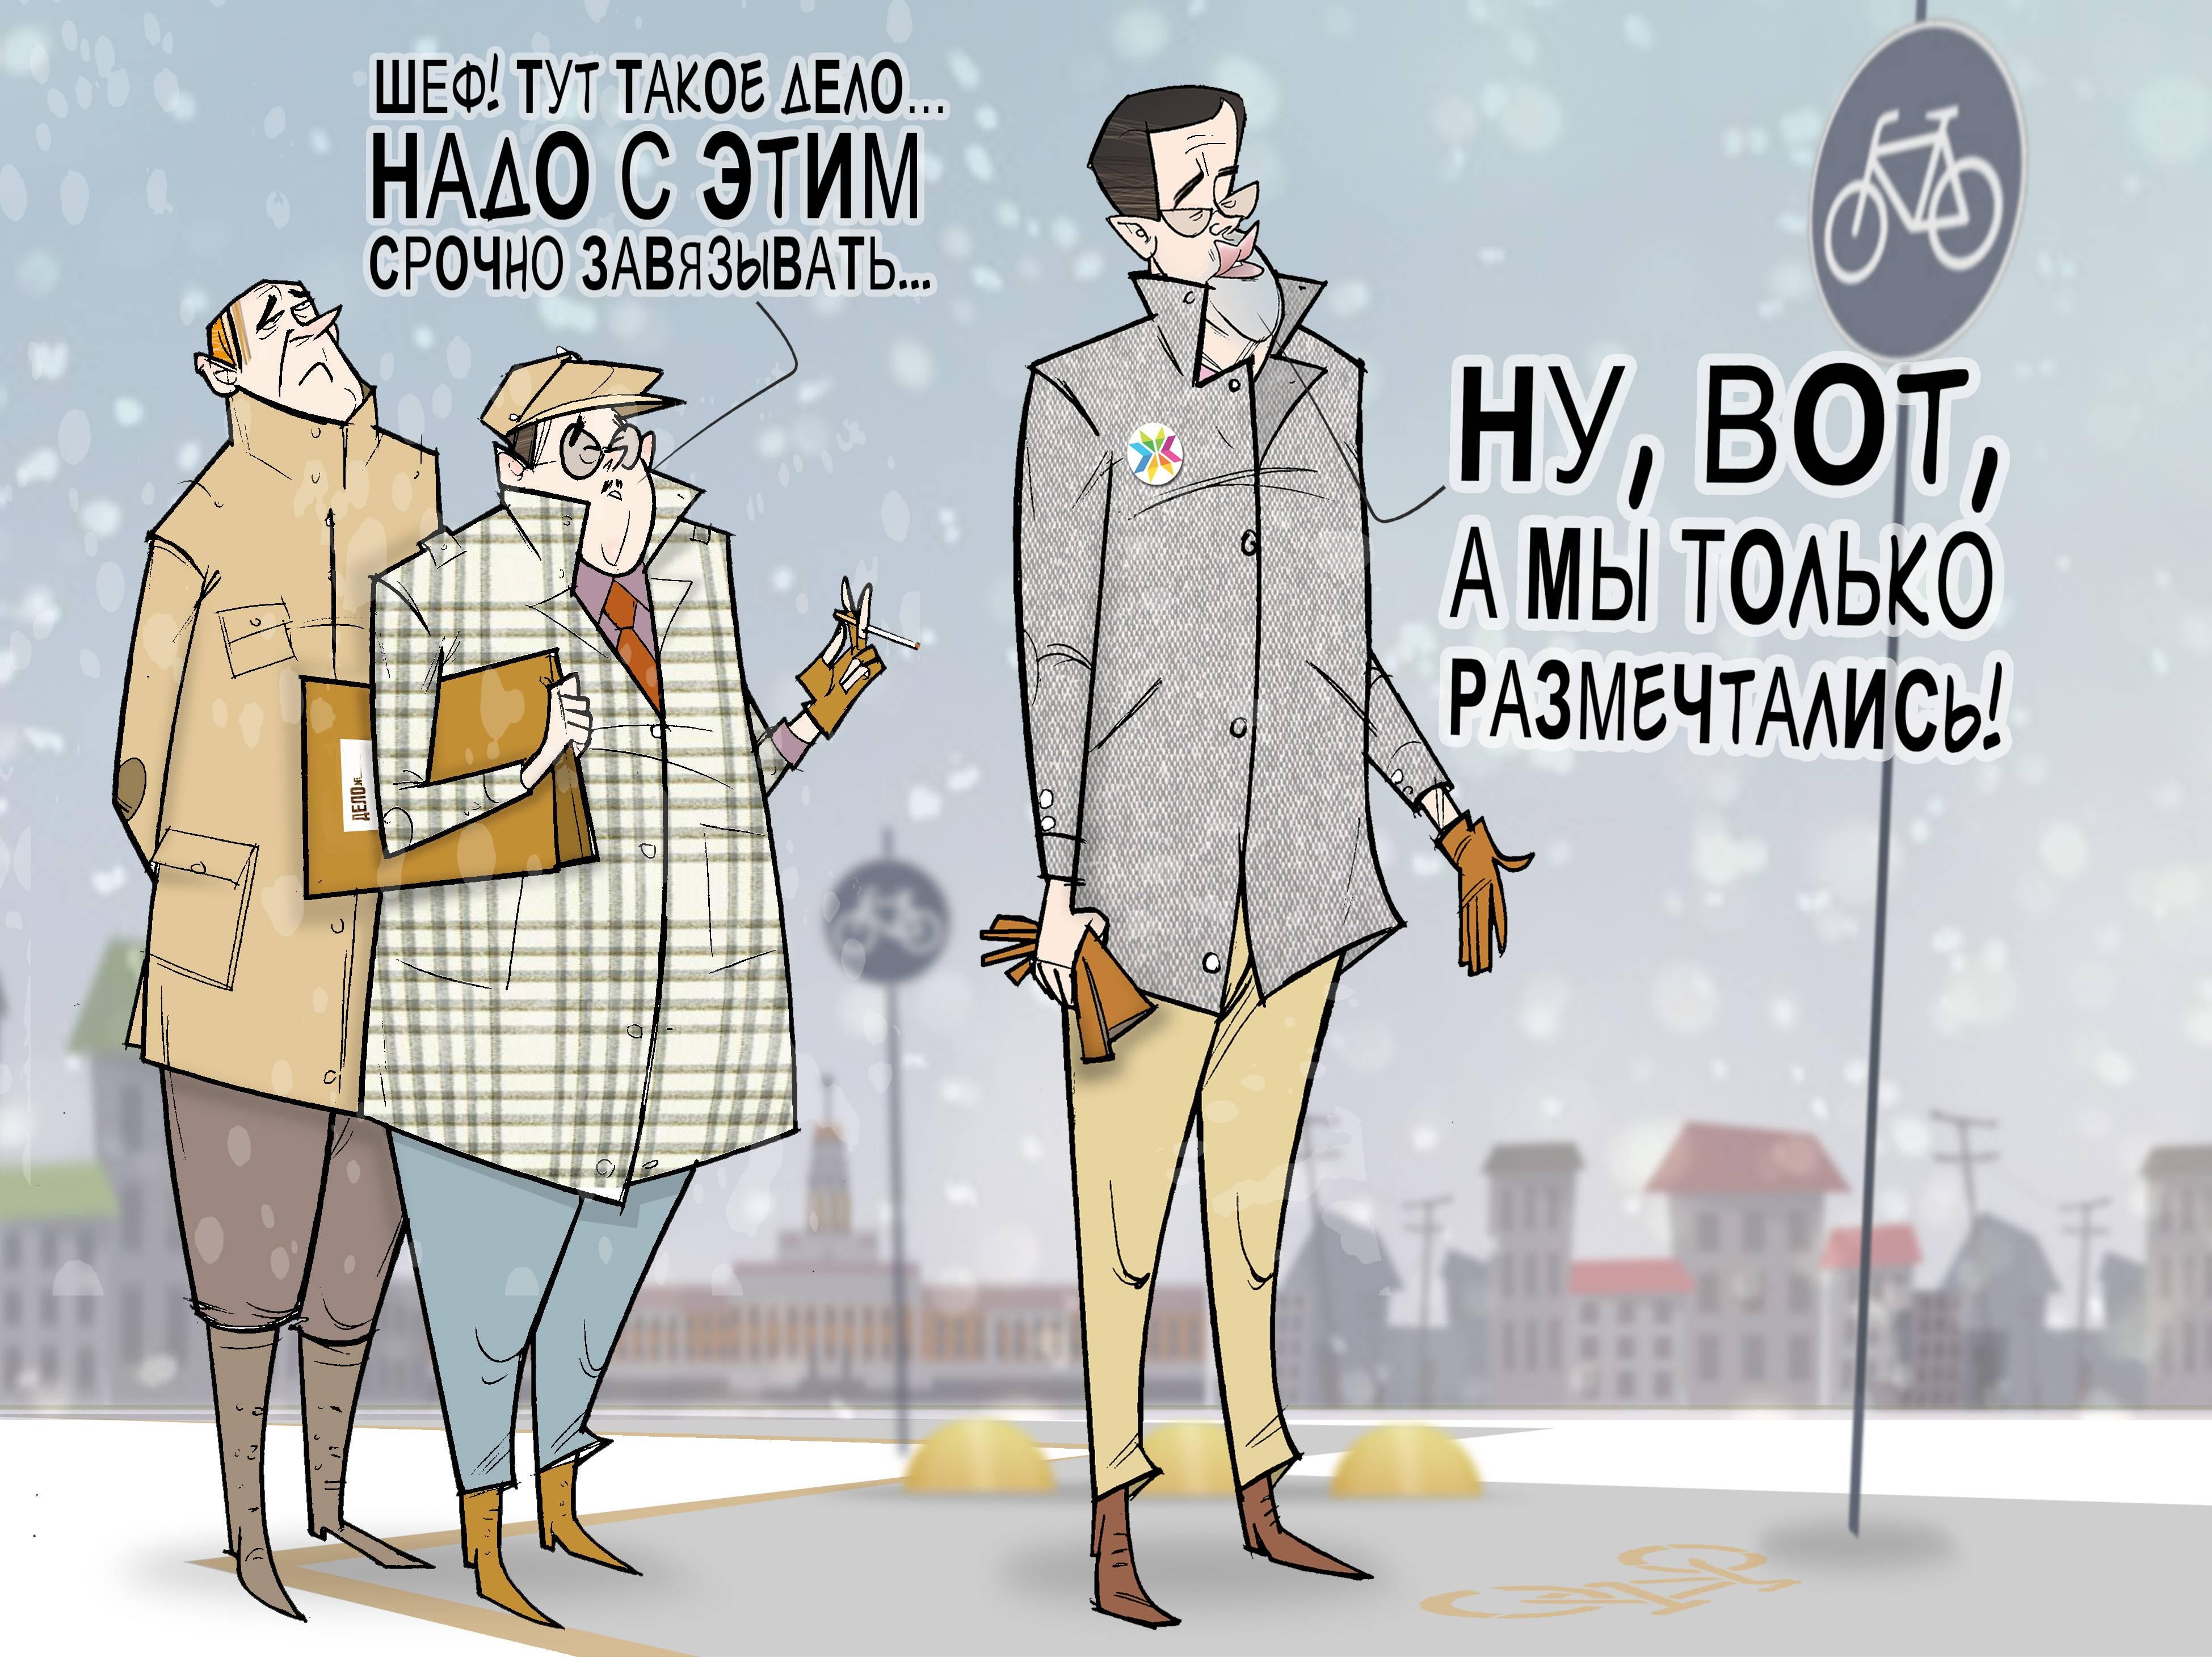 """А мы только размечтались... #Откаты #Коррупция #СитиМенеджер #Ижевск #Агашин © Газета """"День"""" 2014"""